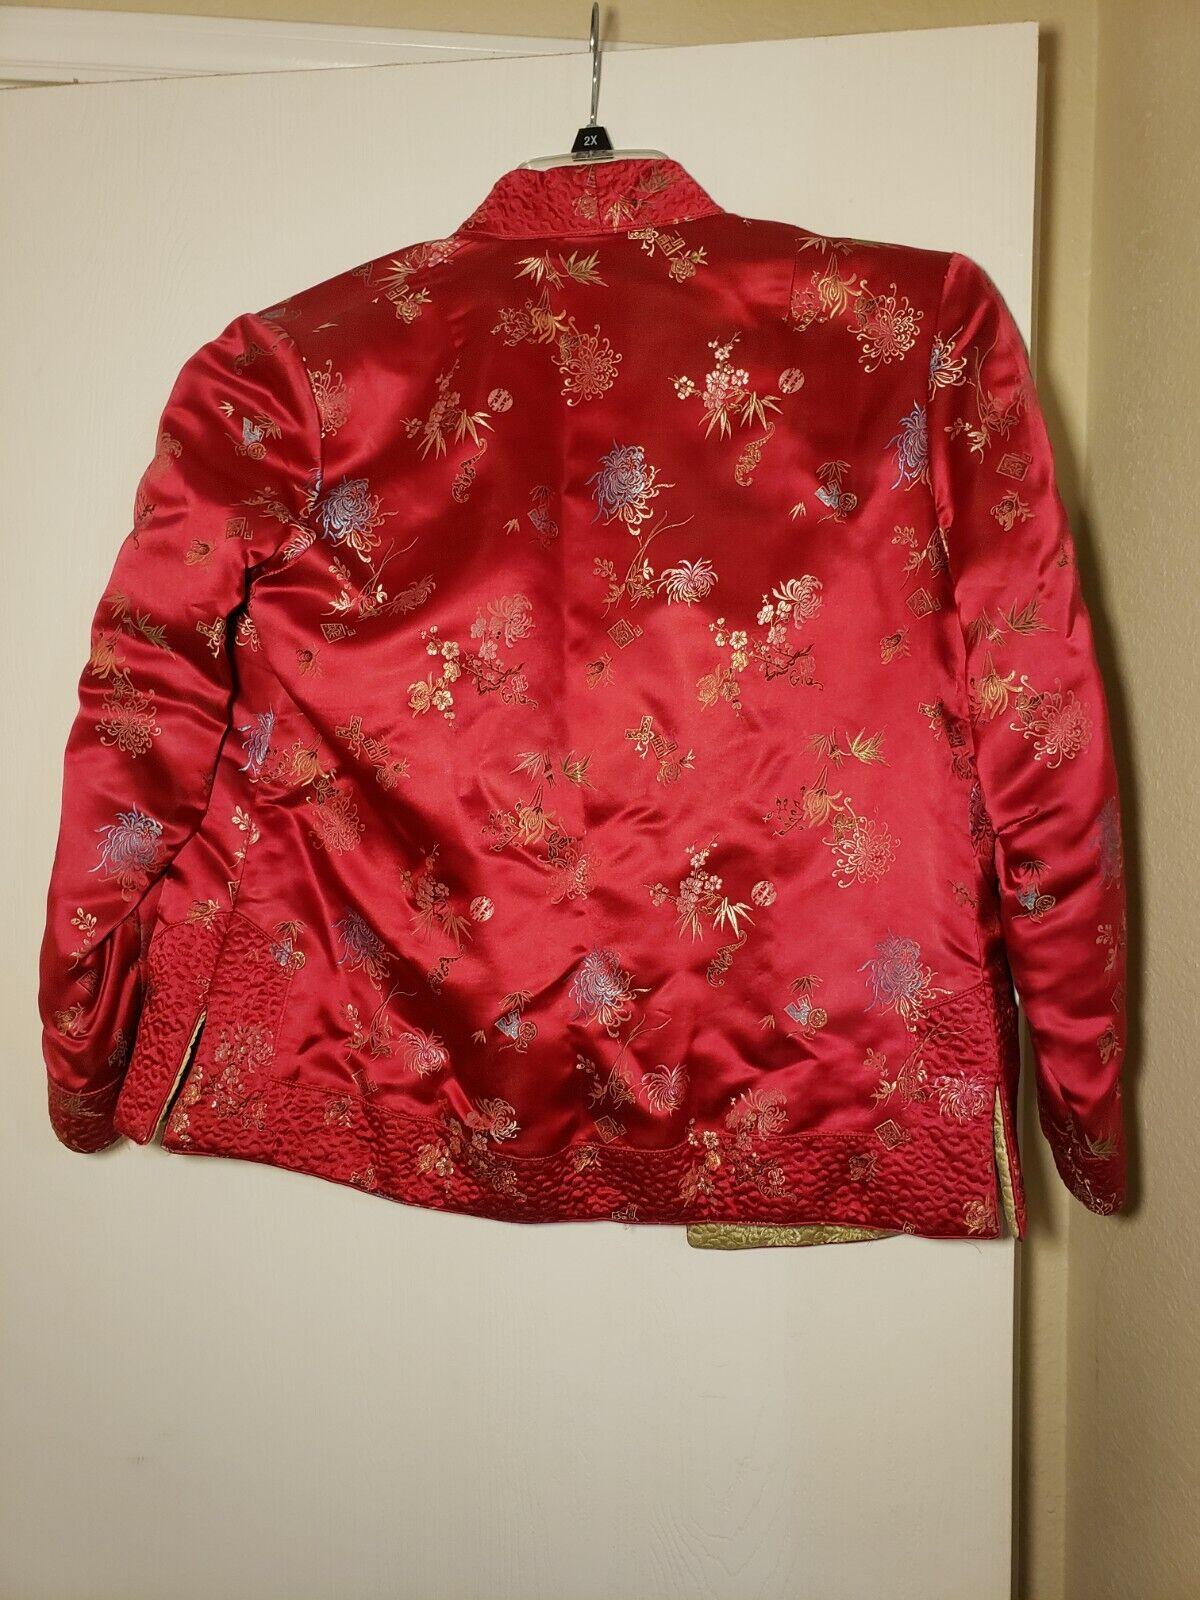 Qipao Long Sleeve Top Brocade - image 2